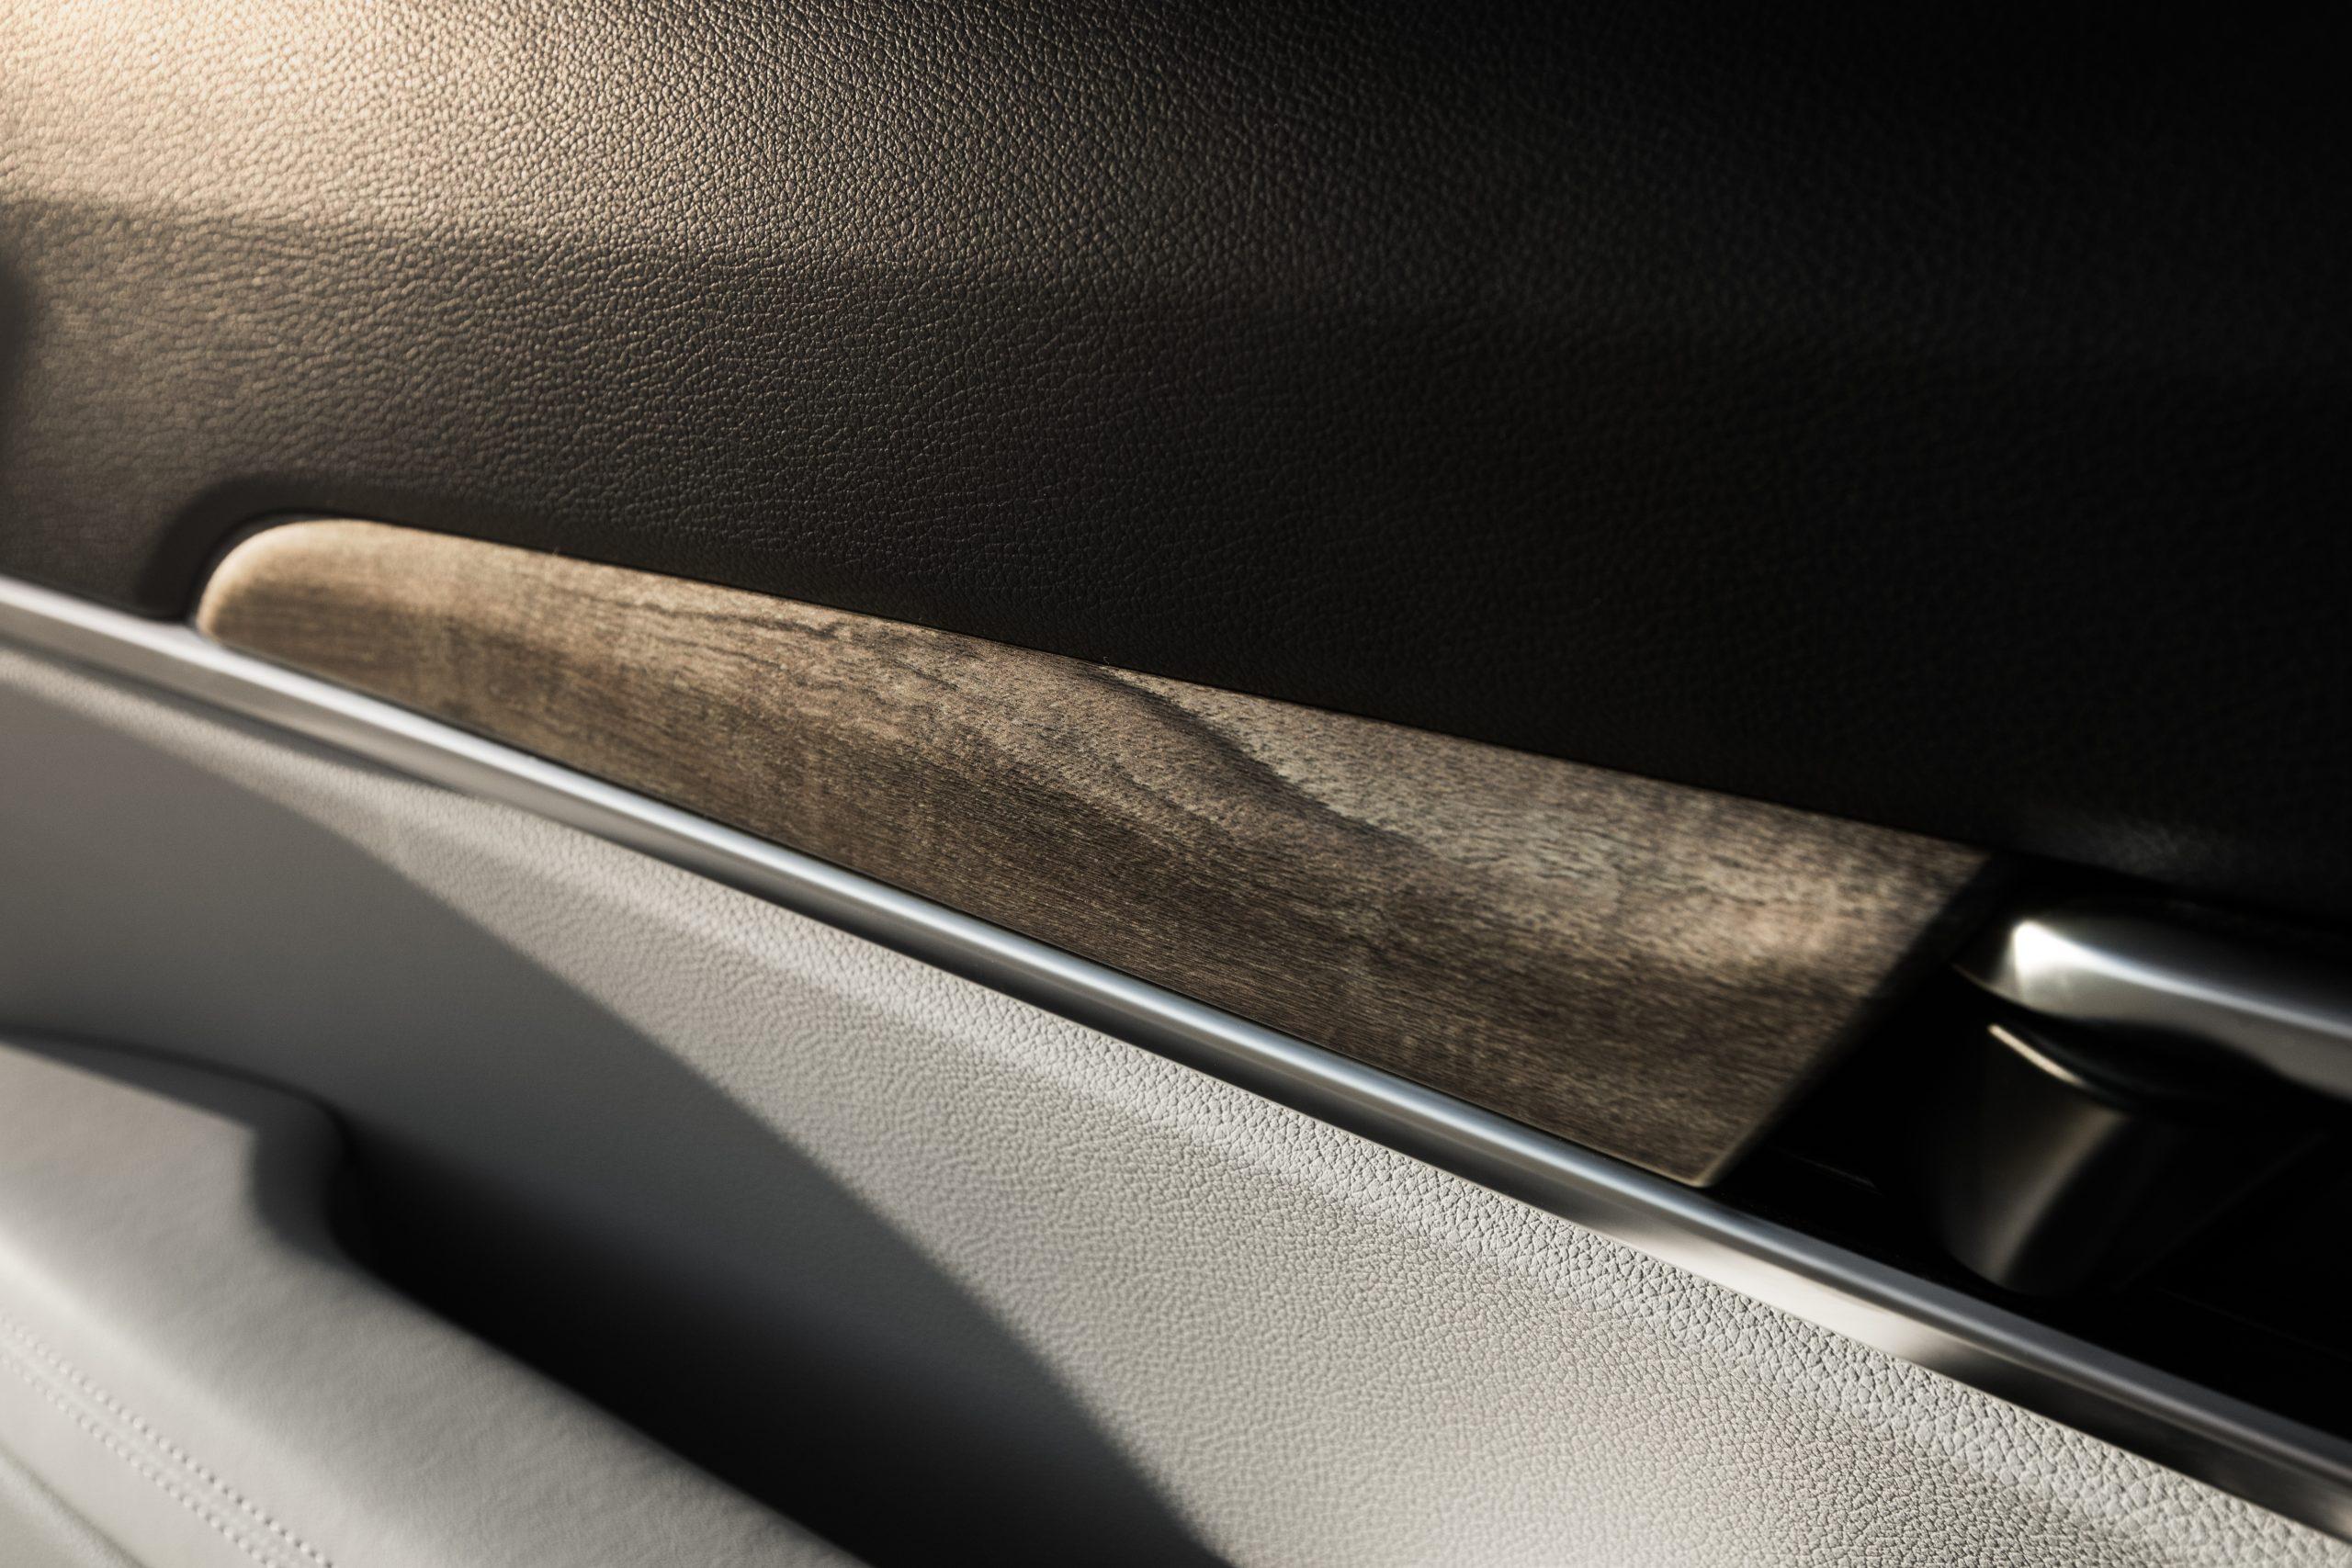 2021 Kia Telluride wood trim